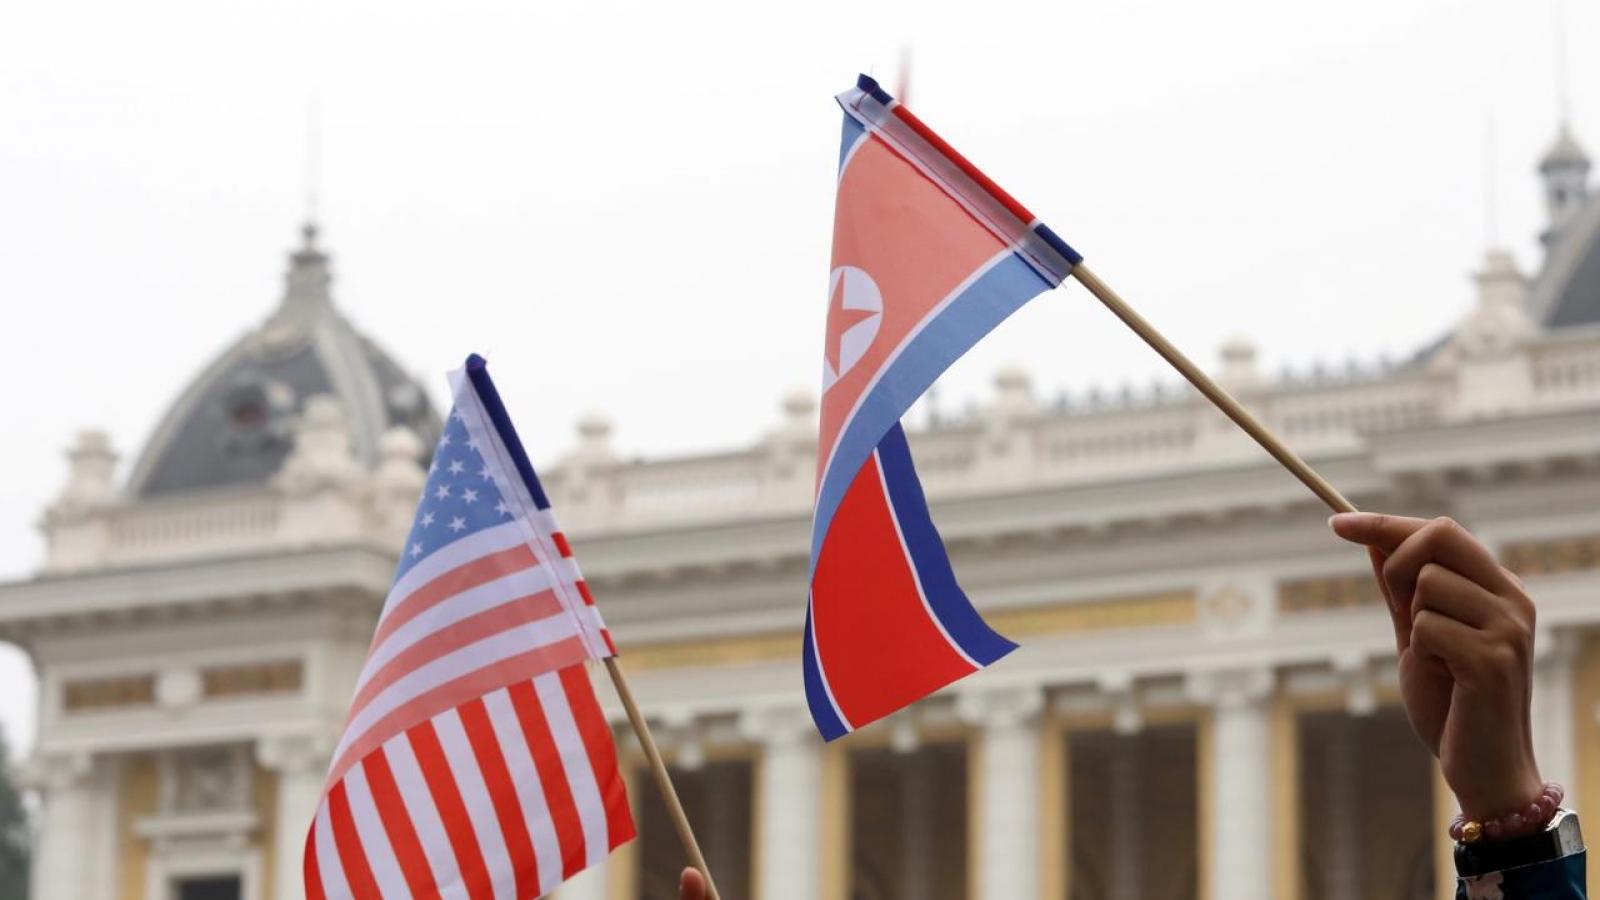 """Triều Tiên """"dội gáo nước lạnh"""" vào thiện chí đối thoại của Mỹ-Nhật-Hàn"""